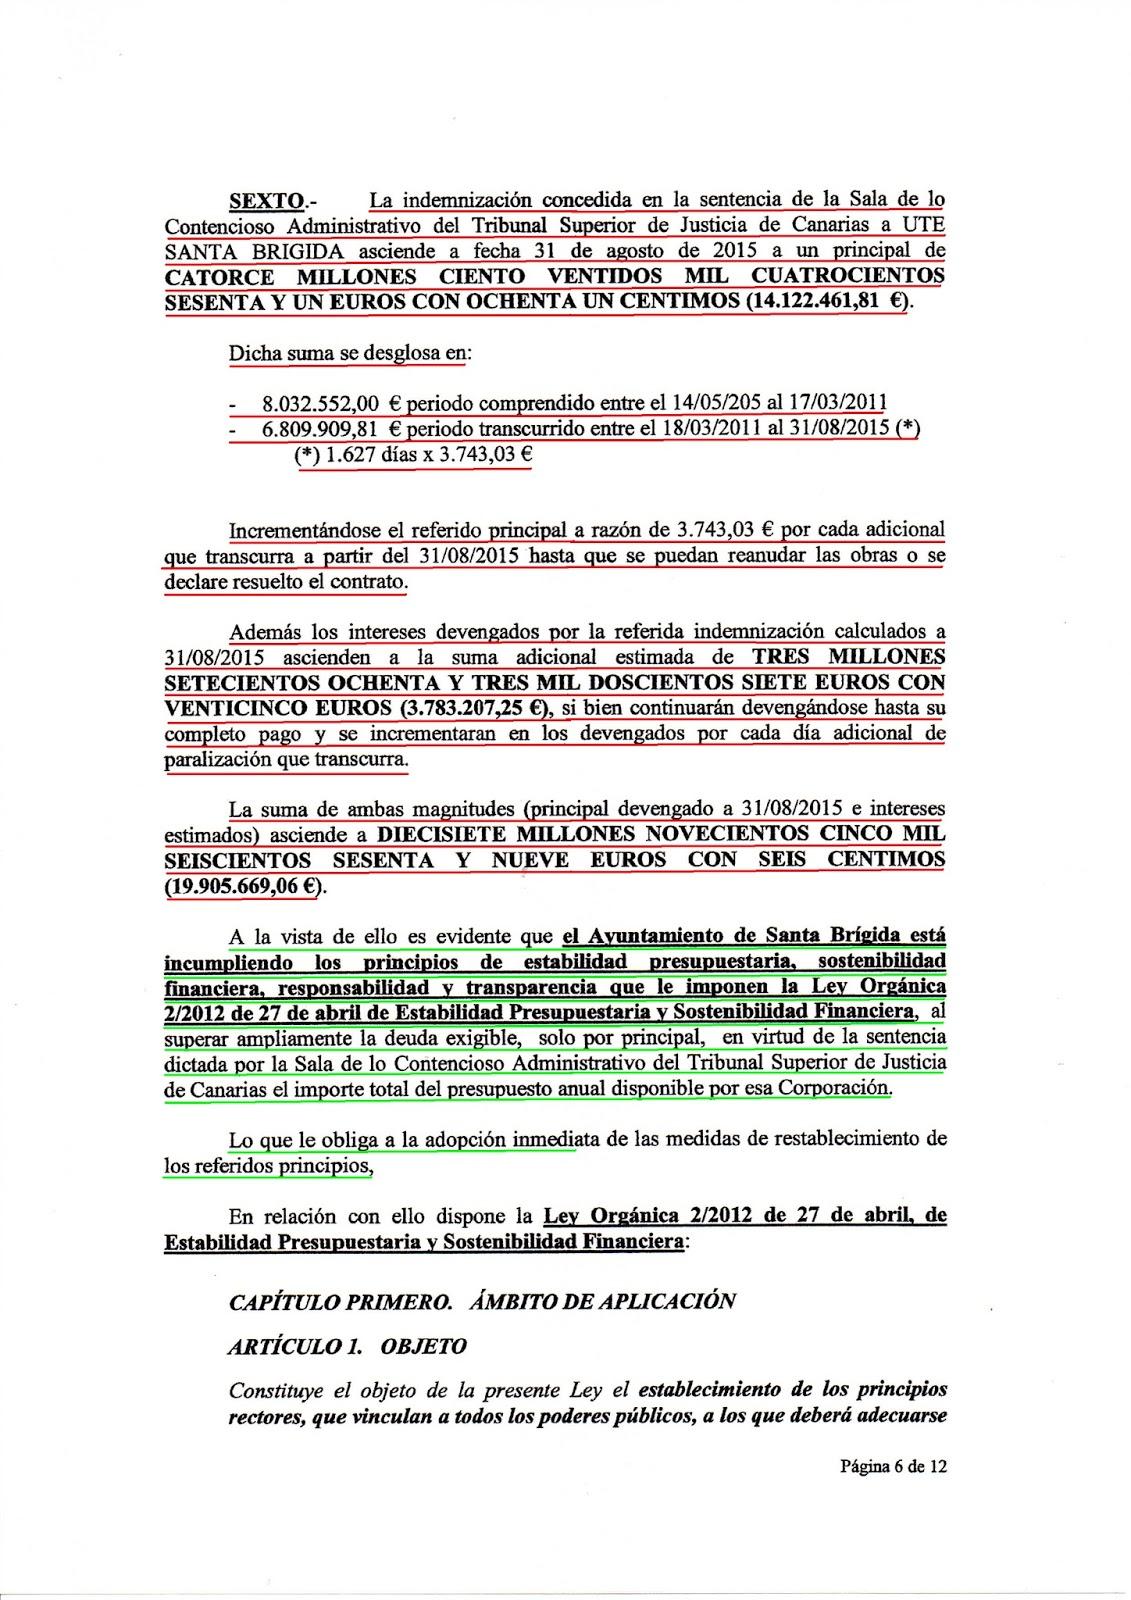 ARMENGOL Y CIA., HAN PERMITIDO QUE EL CONSISTORIO ESTE EN SITUACION ...